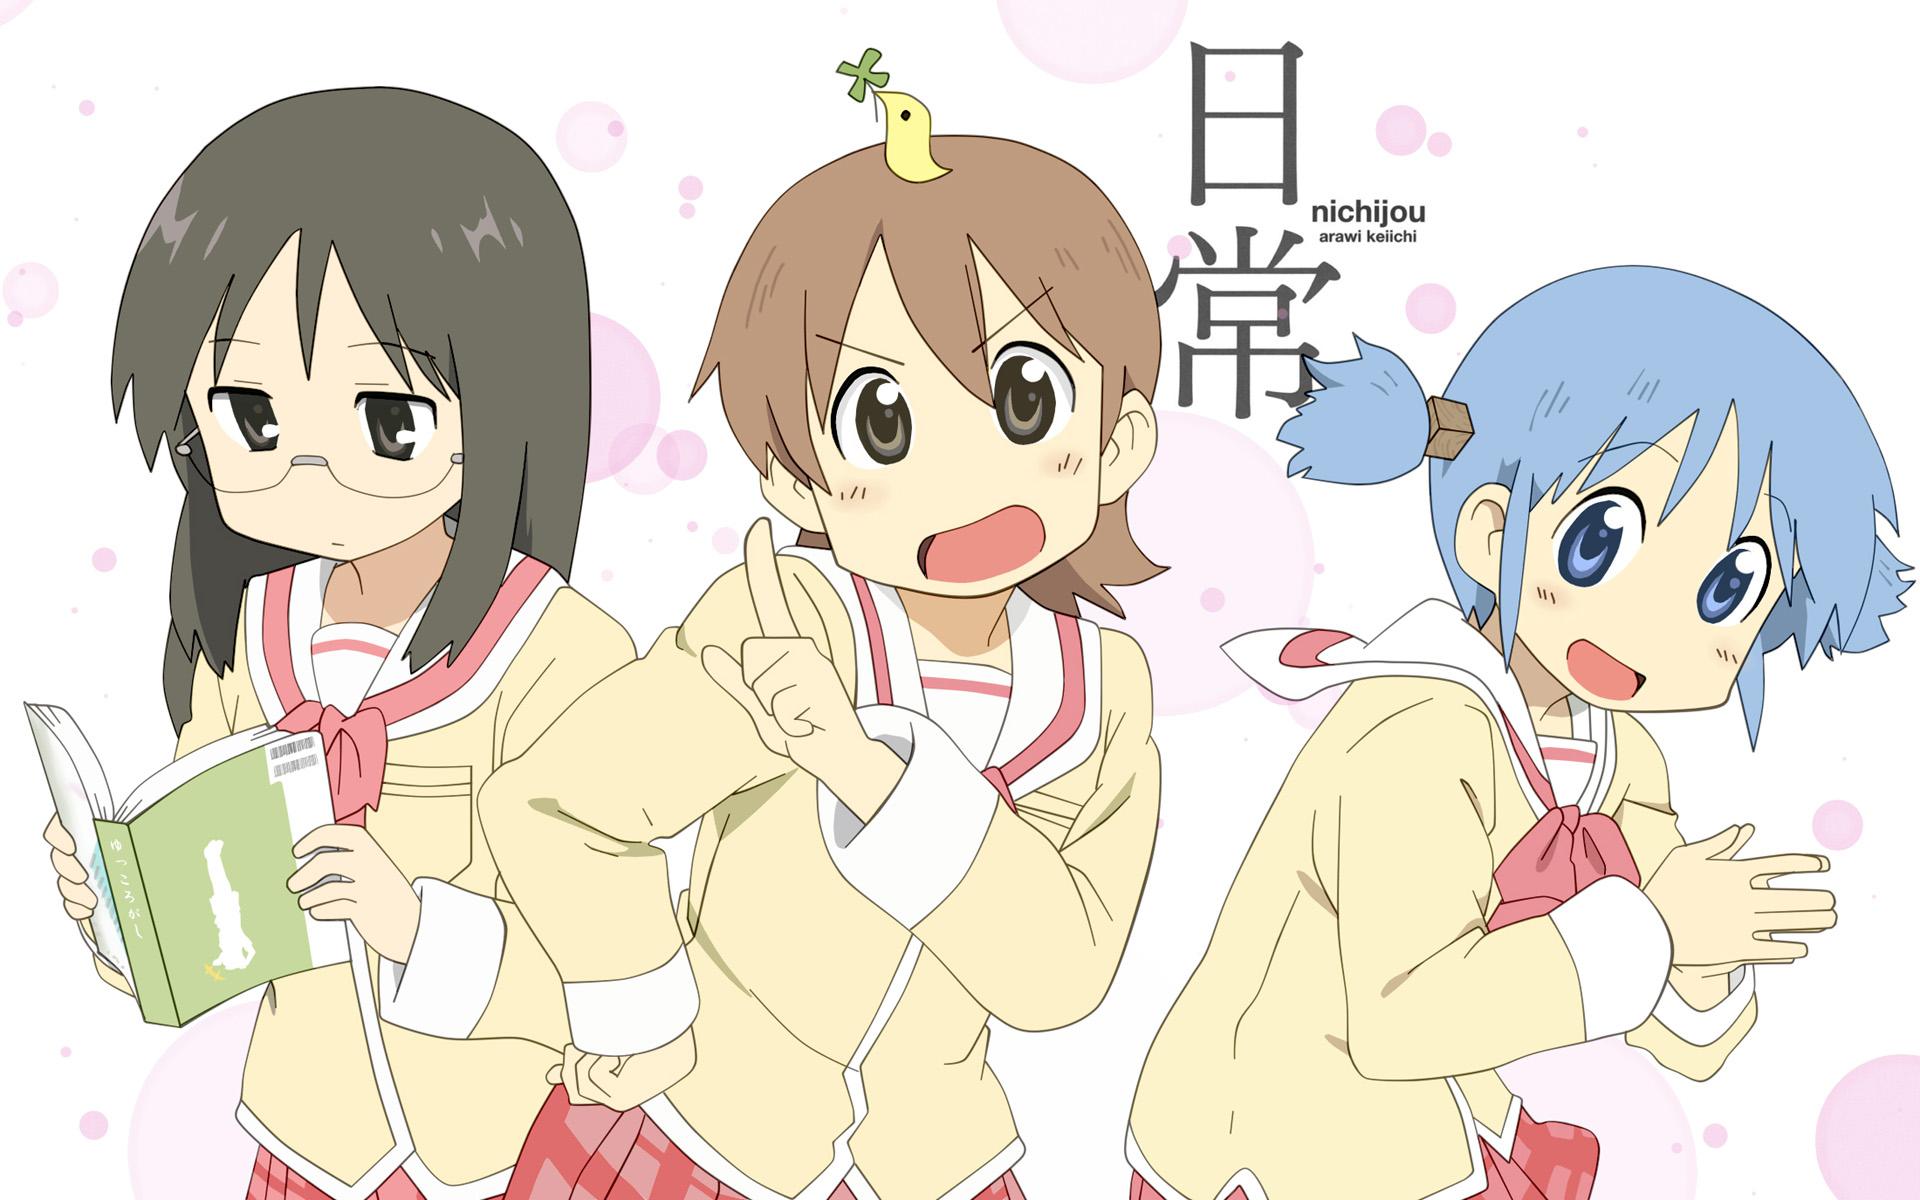 Anime recomendado: Nichijou